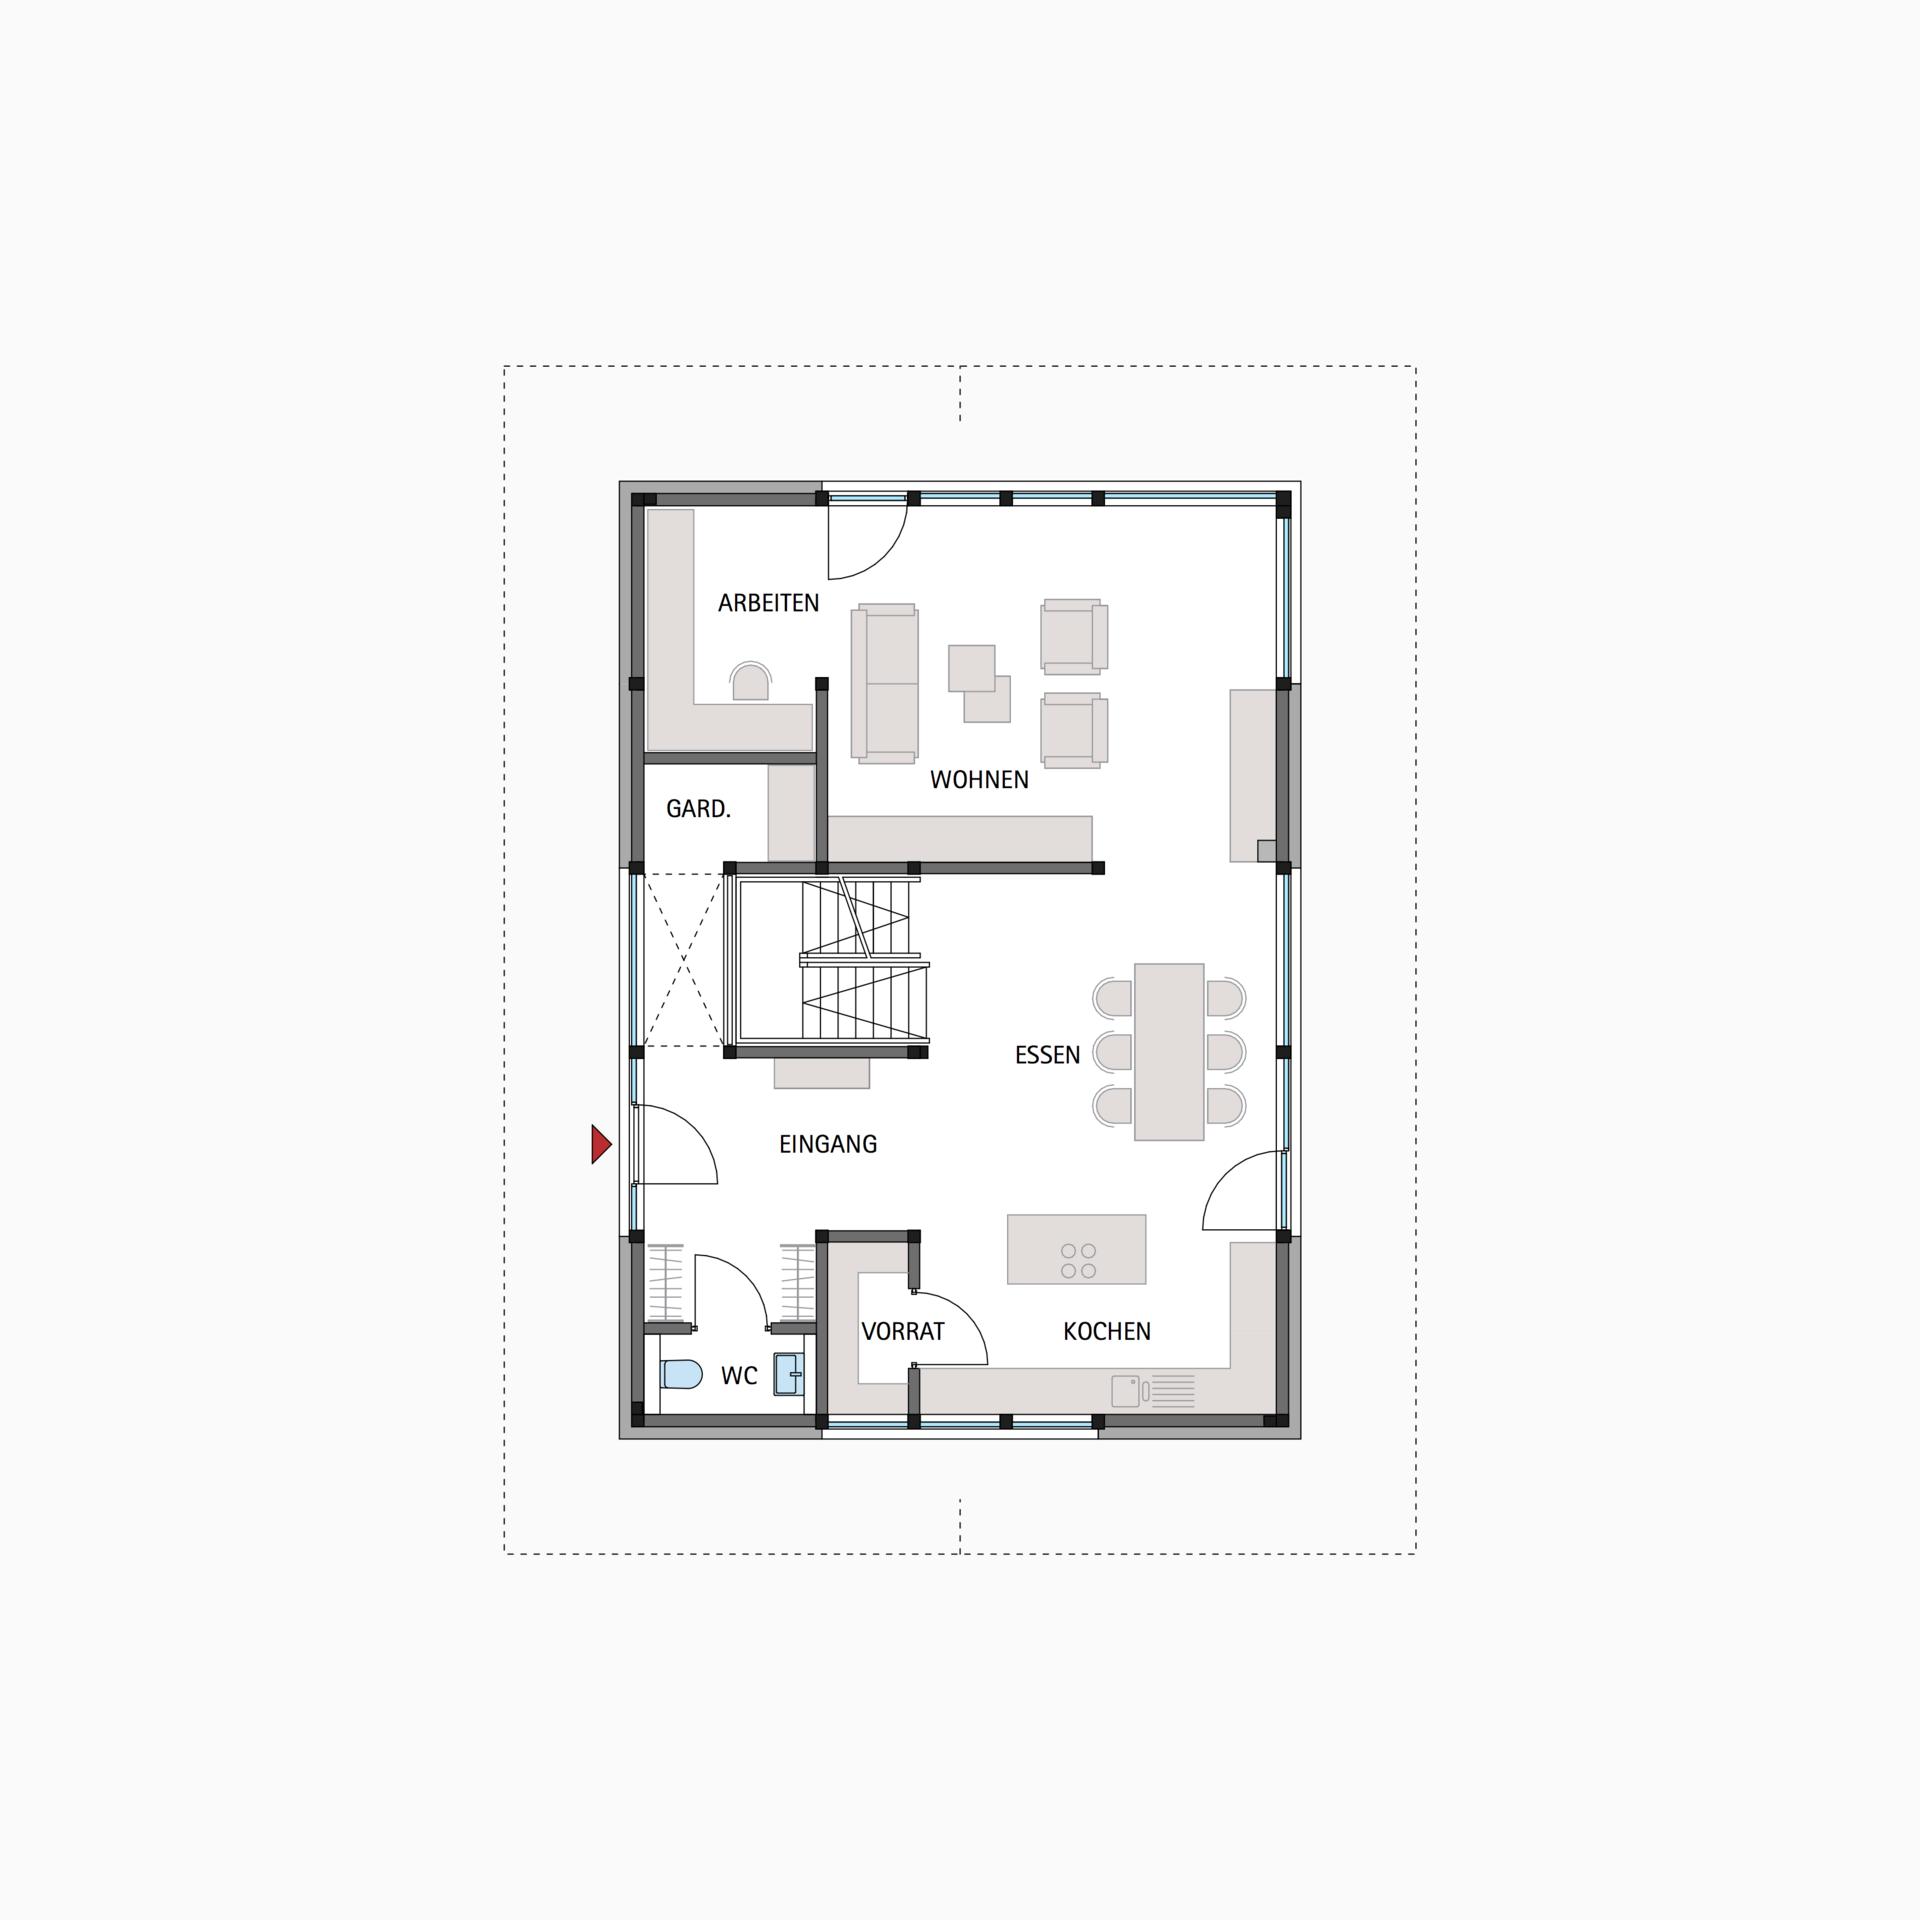 Erdgeschoss haus front design huf fachwerkhaus grundriss erdgeschoss modum   haus  pinterest